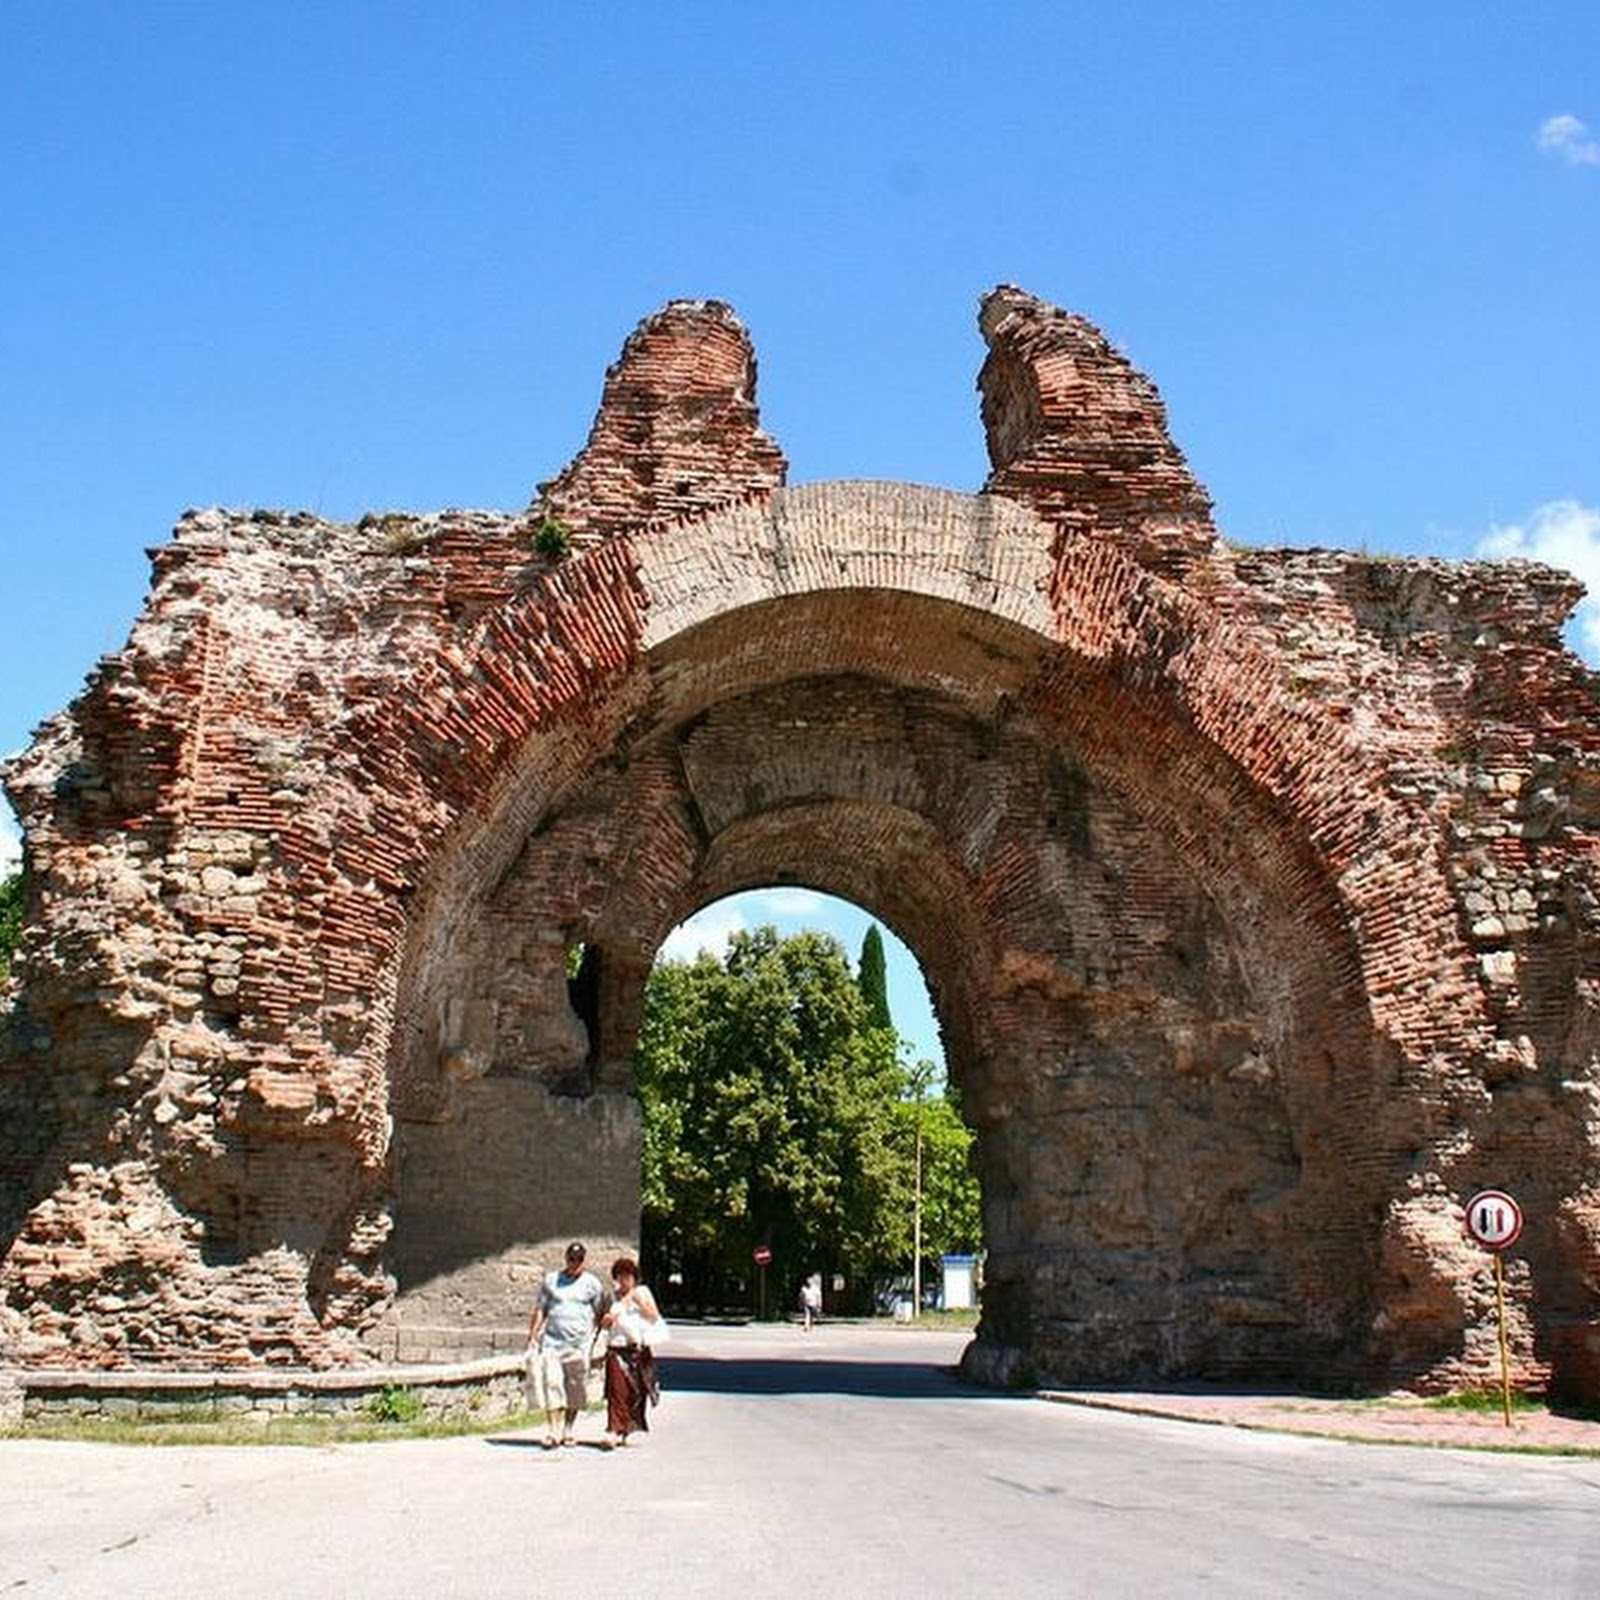 The Ancient Roman Walls of Hisarya